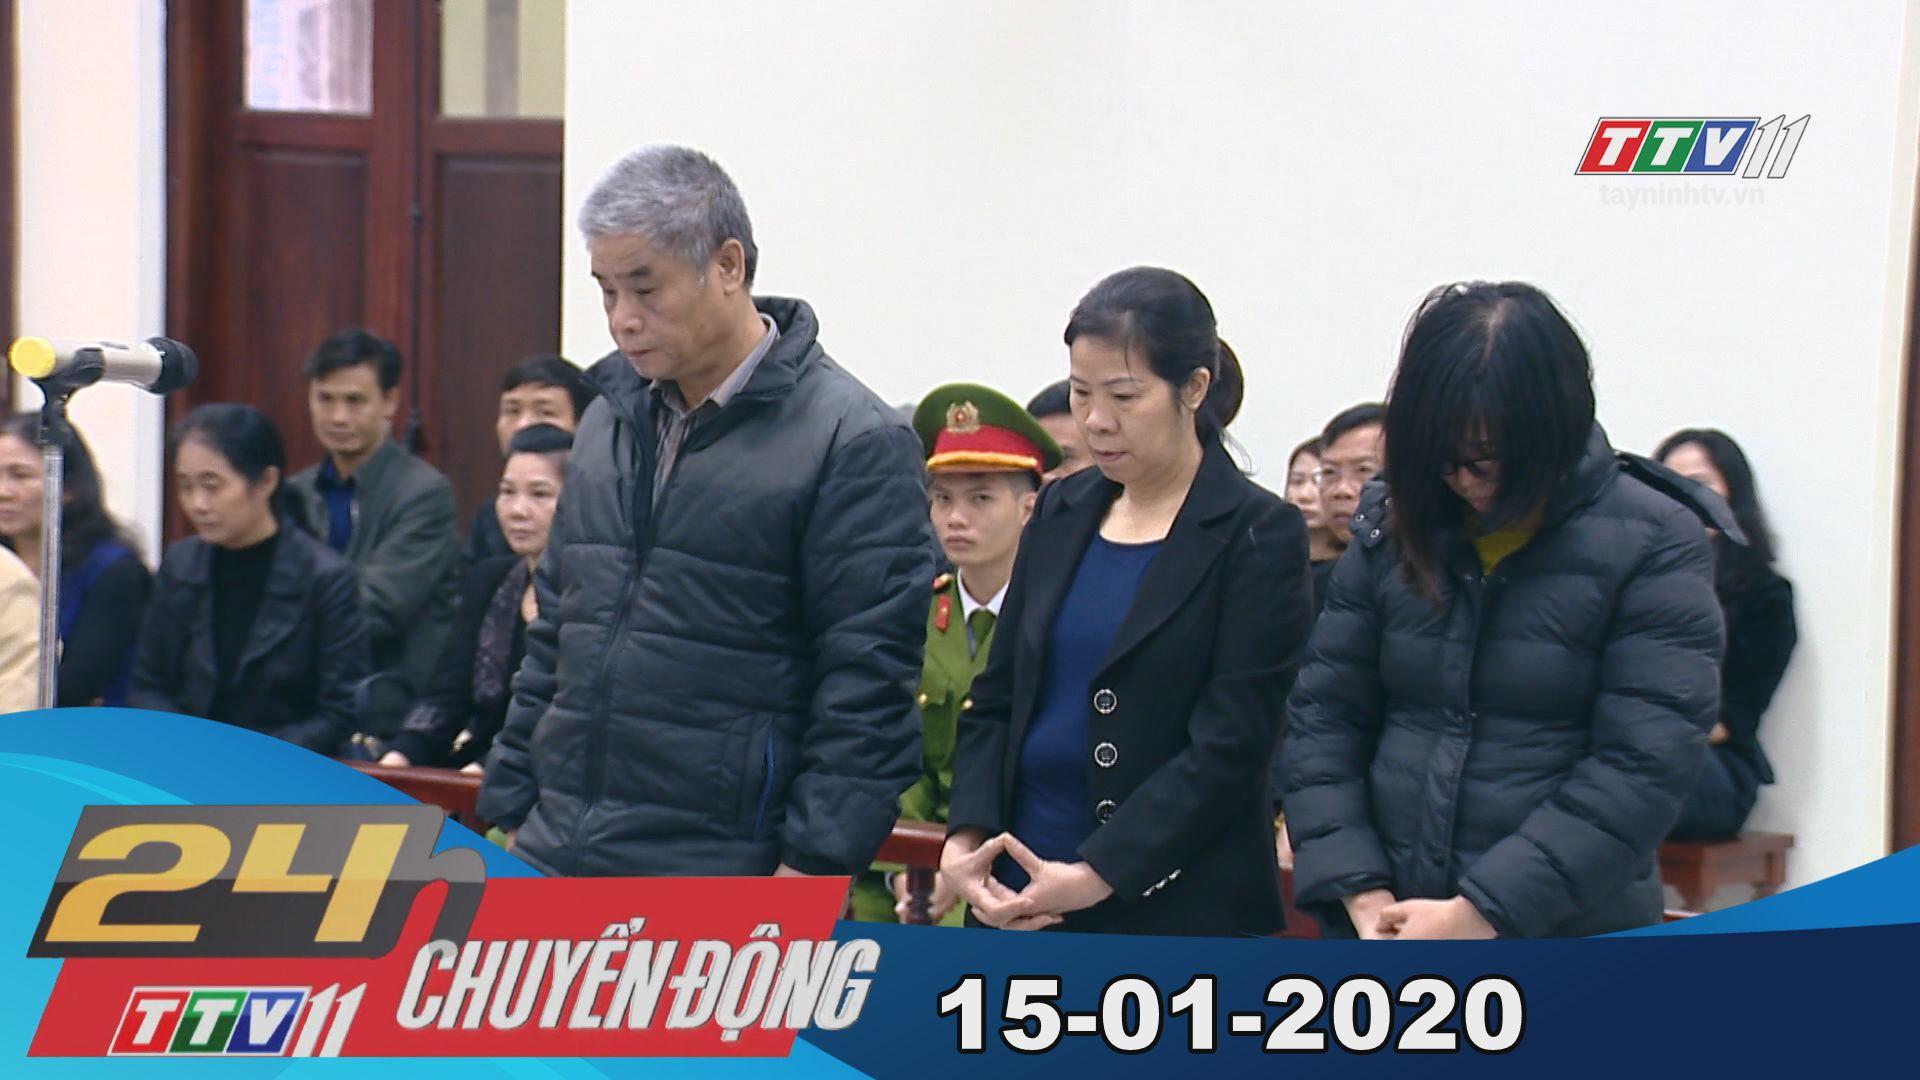 24h Chuyển động 15-01-2020 | Tin tức hôm nay | TayNinhTV